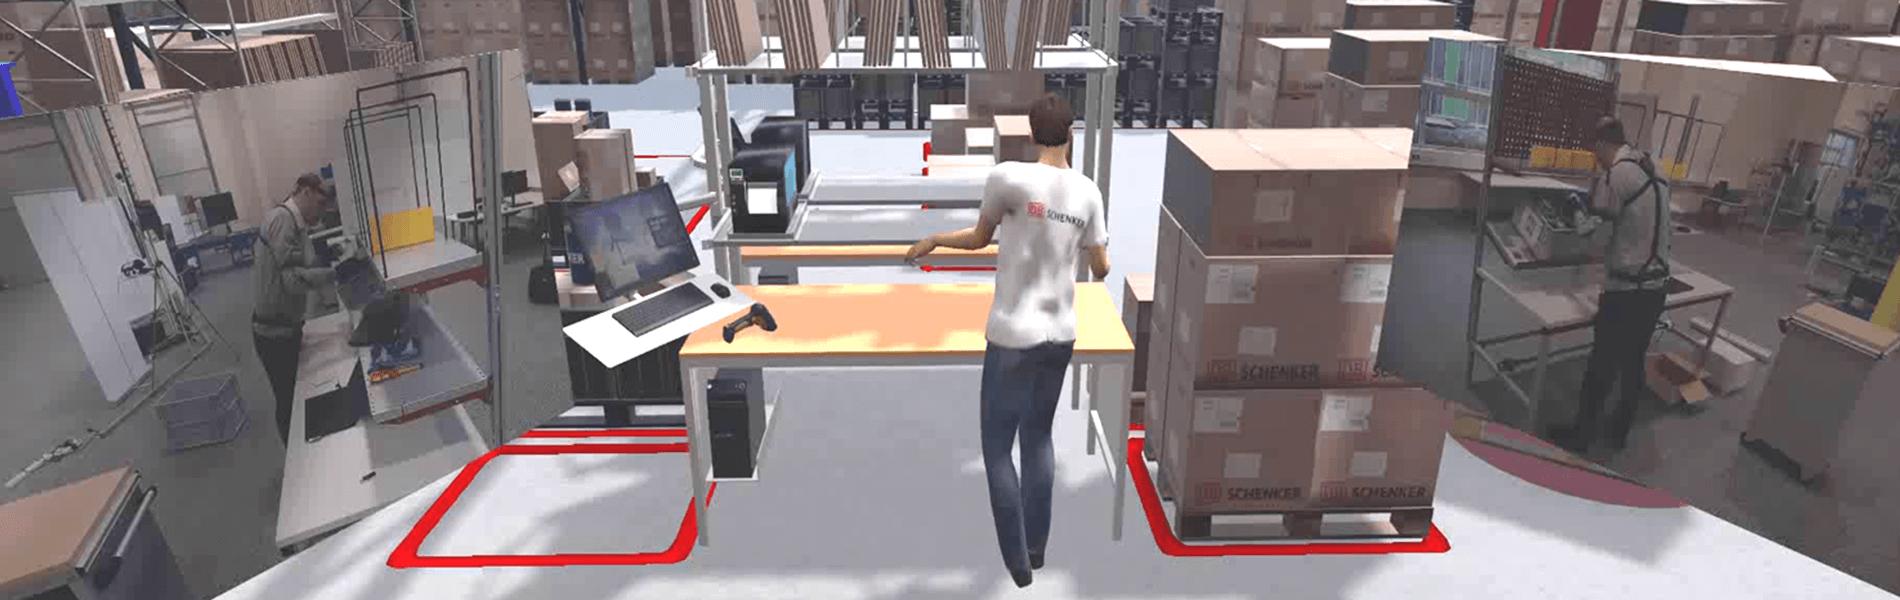 Project E-Motion digitizes motion sequences